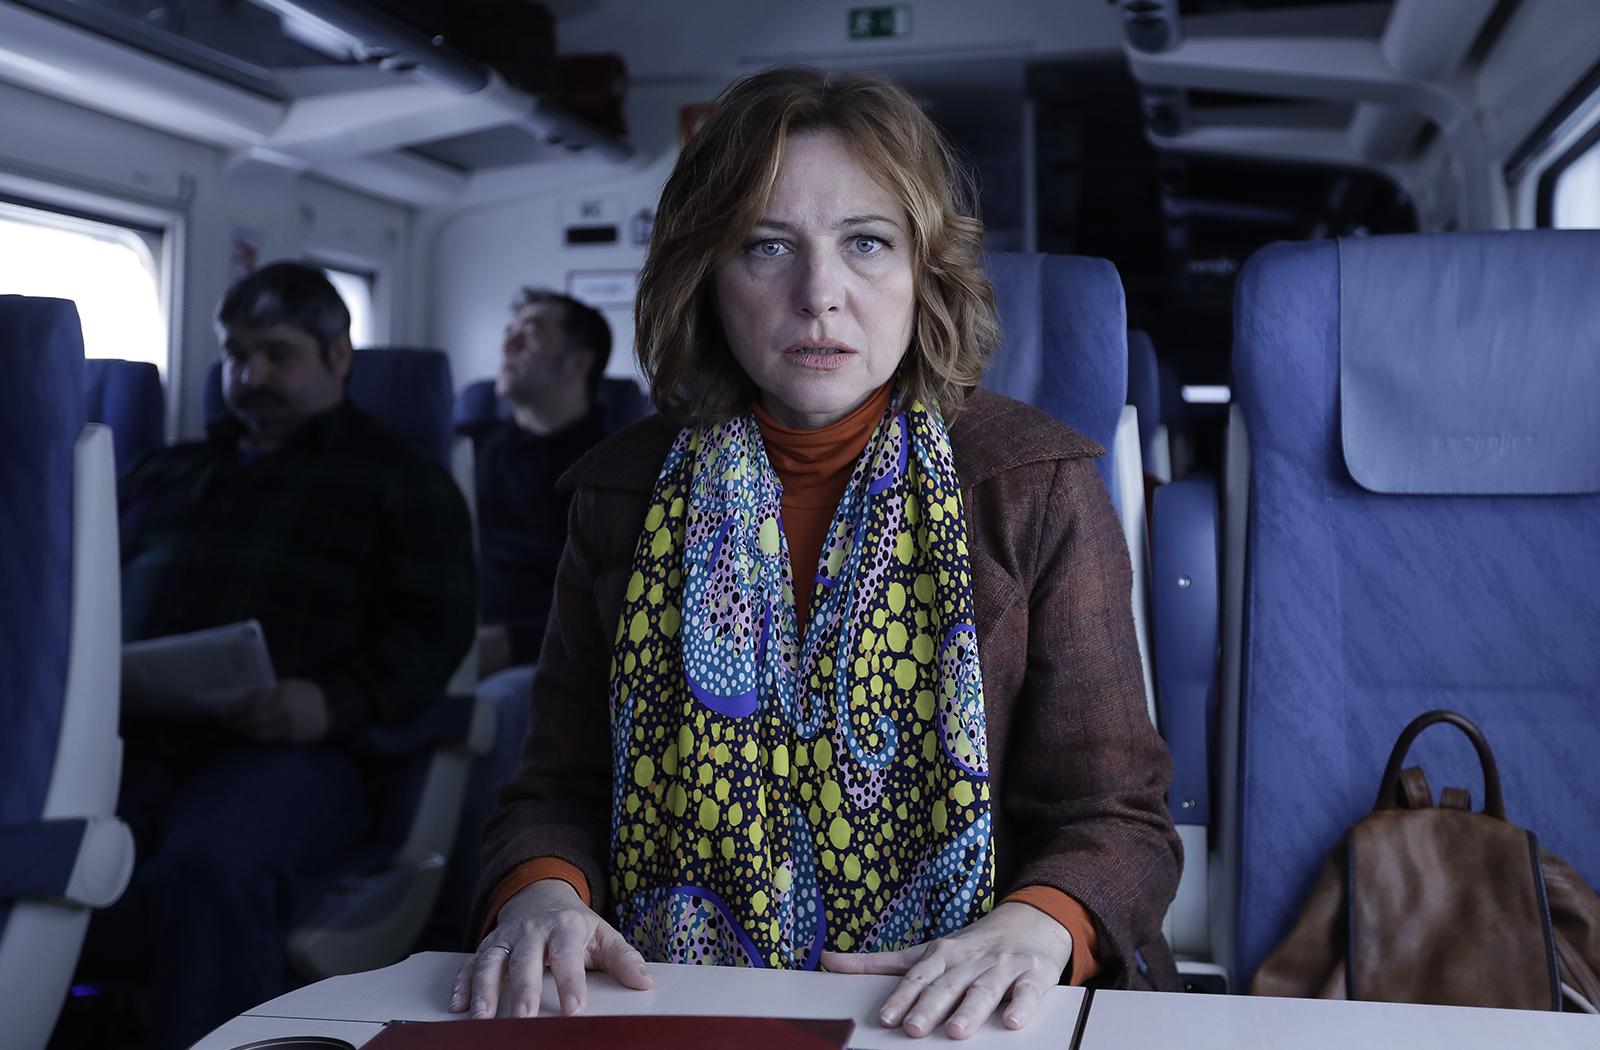 Ventajas de viajar en tren (1)